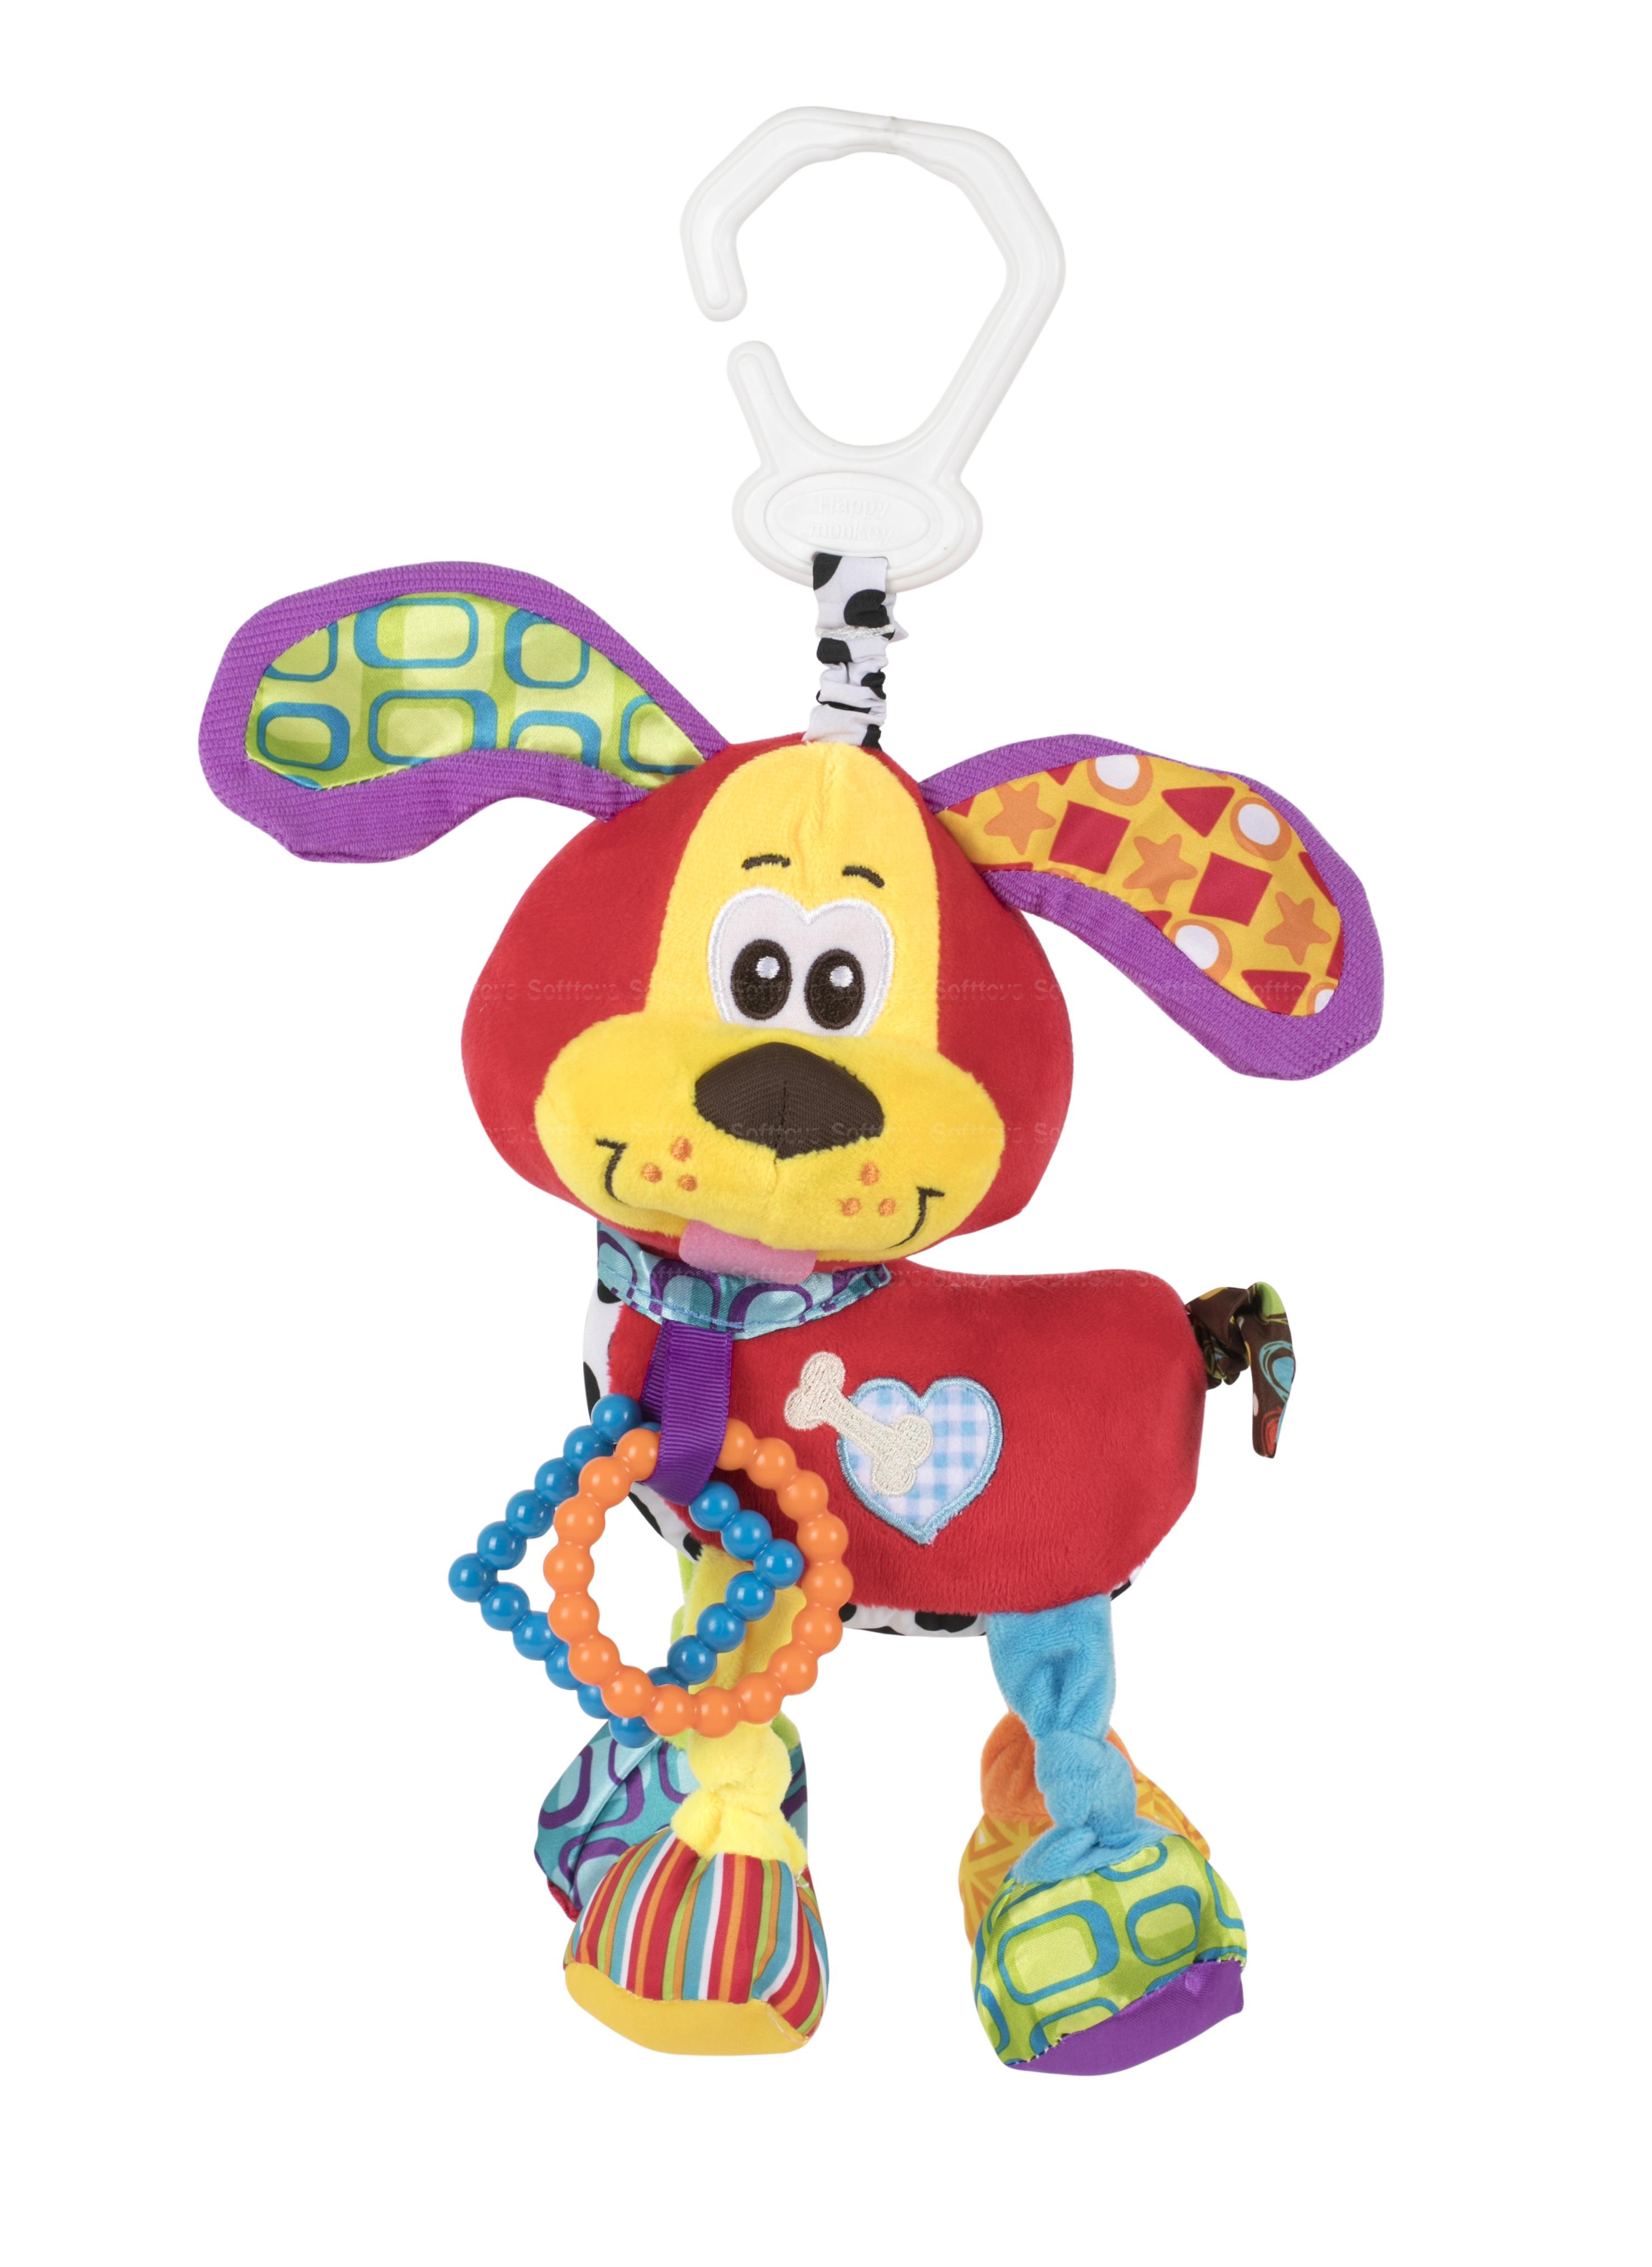 Мягкая игрушка-подвеска BabyTeam Собачка